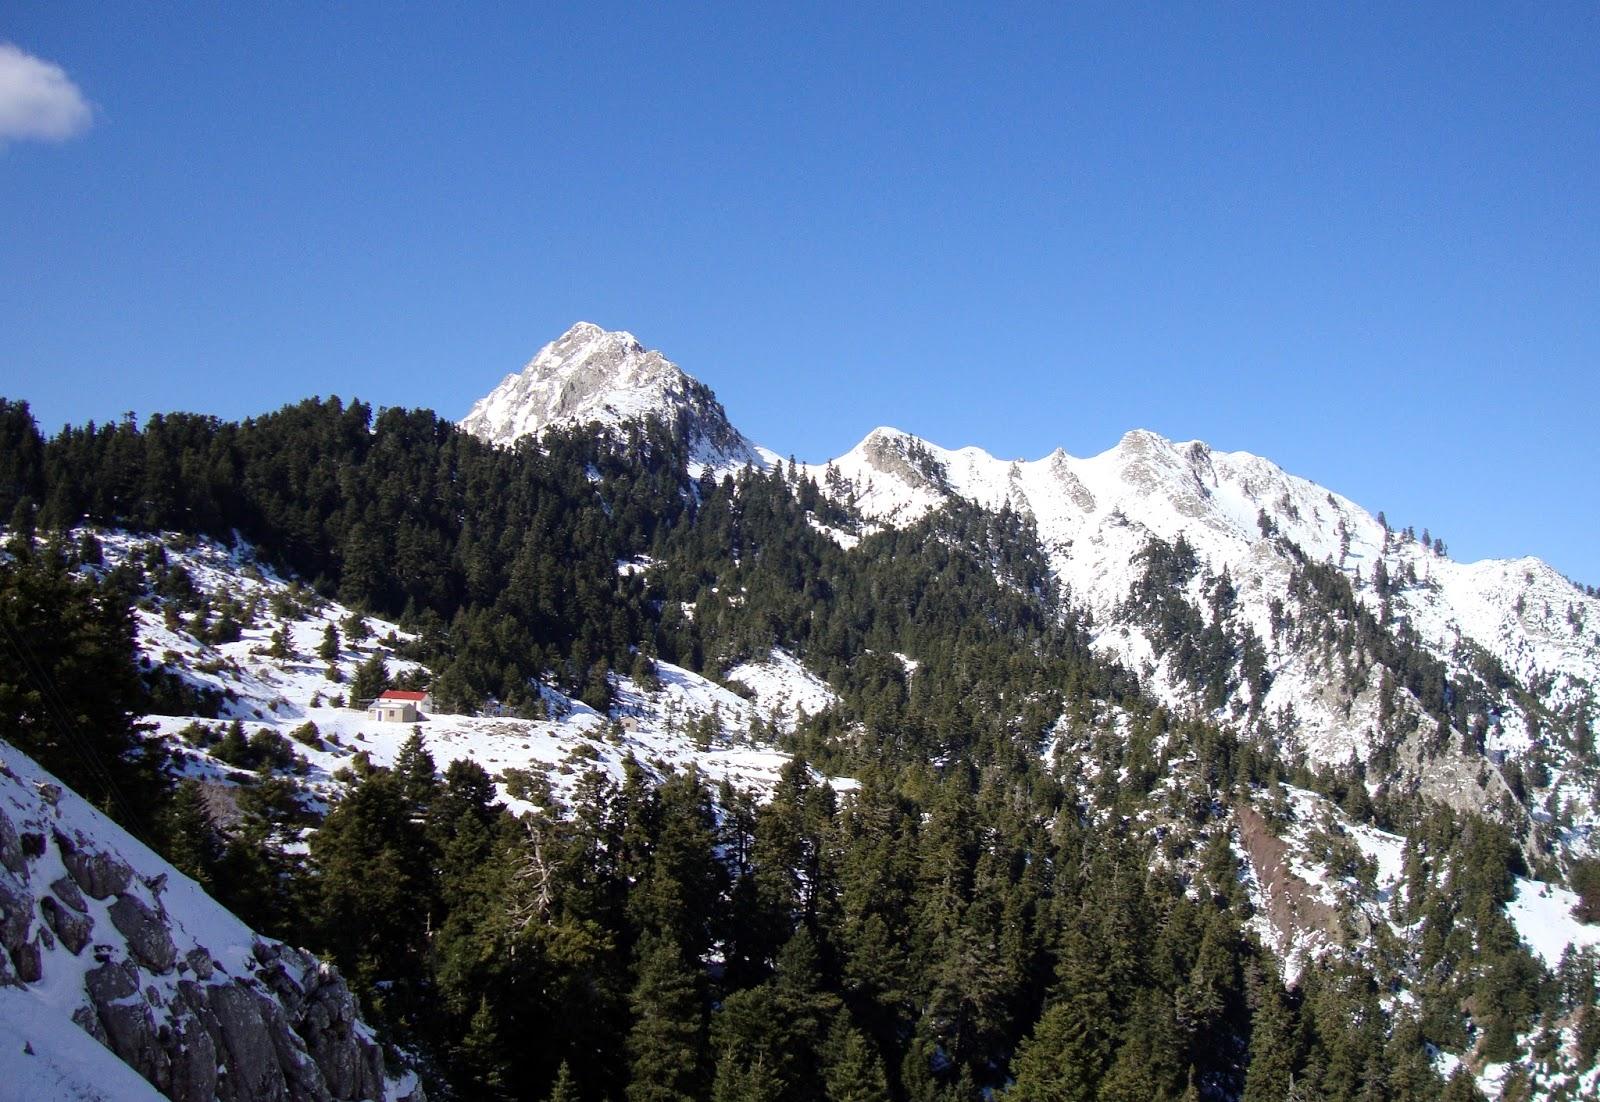 Κούτουπας βουνό κυνηγός ευρυτανίας στ κυνηγού